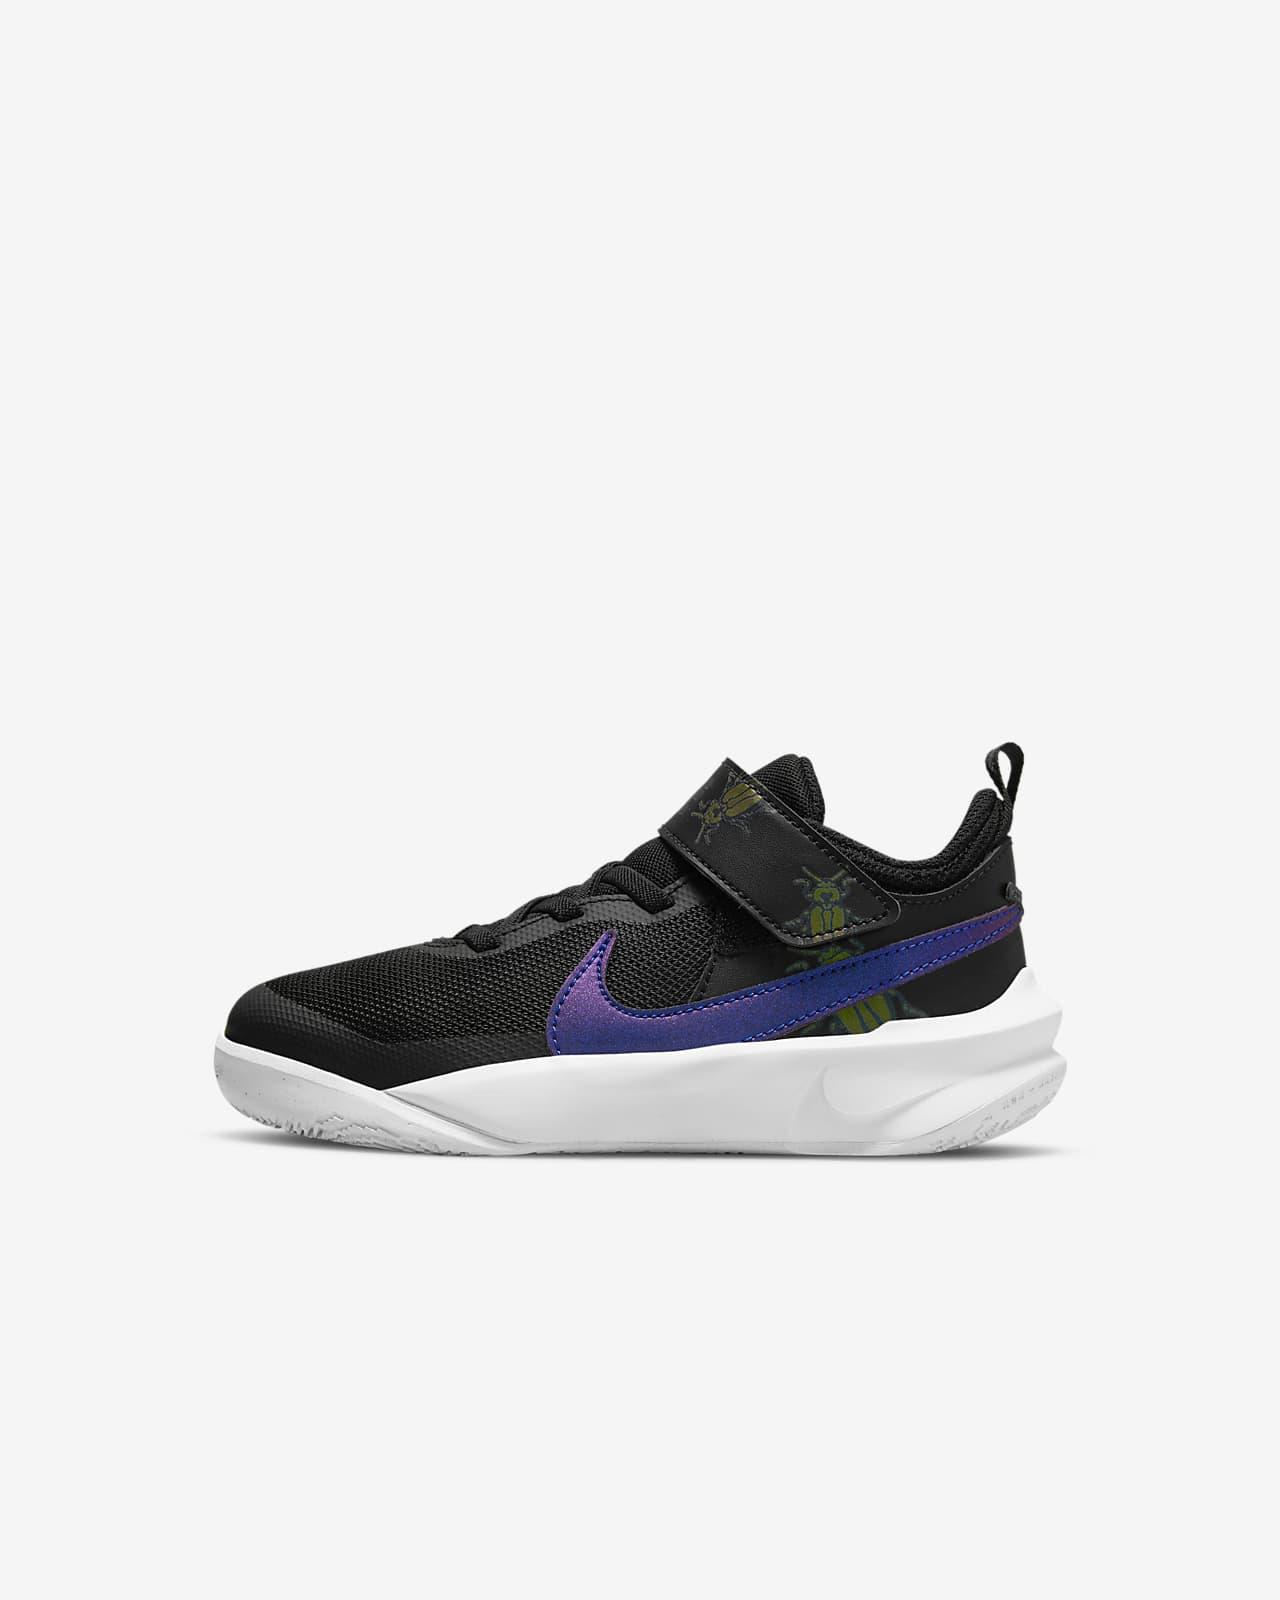 Nike Team Hustle D 10 SE «Lil Bugs» sko til små barn